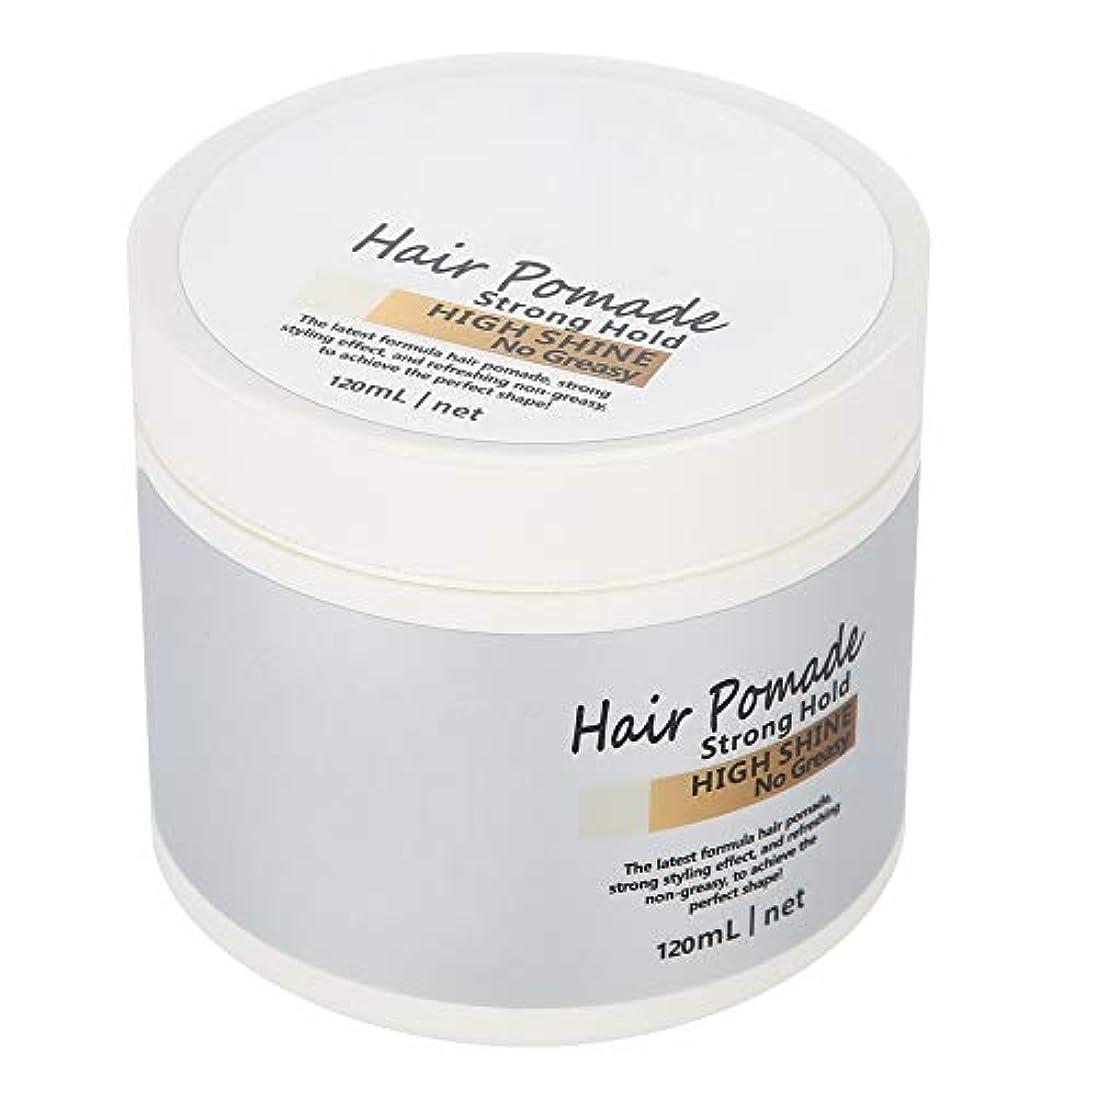 作成者漂流魅惑的なヘアワックス、ファッション男性の光沢のあるヘアスタイリングクレイハイストロングホールドモデリングヘアポマードワックスレトロヘアスタイル120ミリリットルを作成する